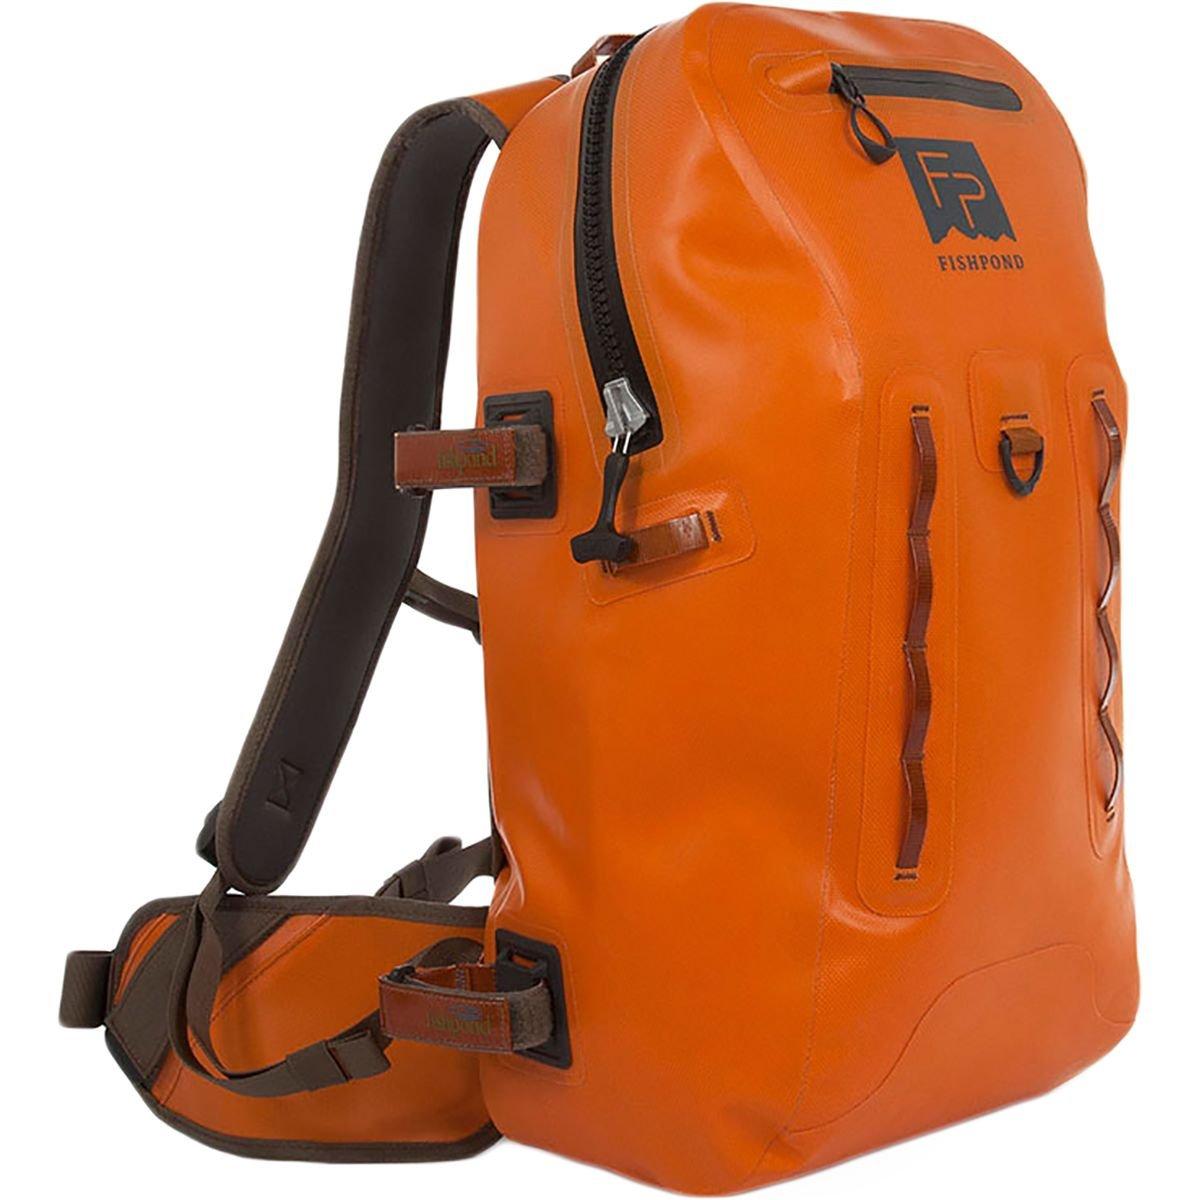 フィッシュポンド社製 サンダーヘッド 完全防水バックパック 色:オレンジ Fishpond Fly Fishing Thunderhead Submersible Nylon Waterproof Backpack   B076R5P44D